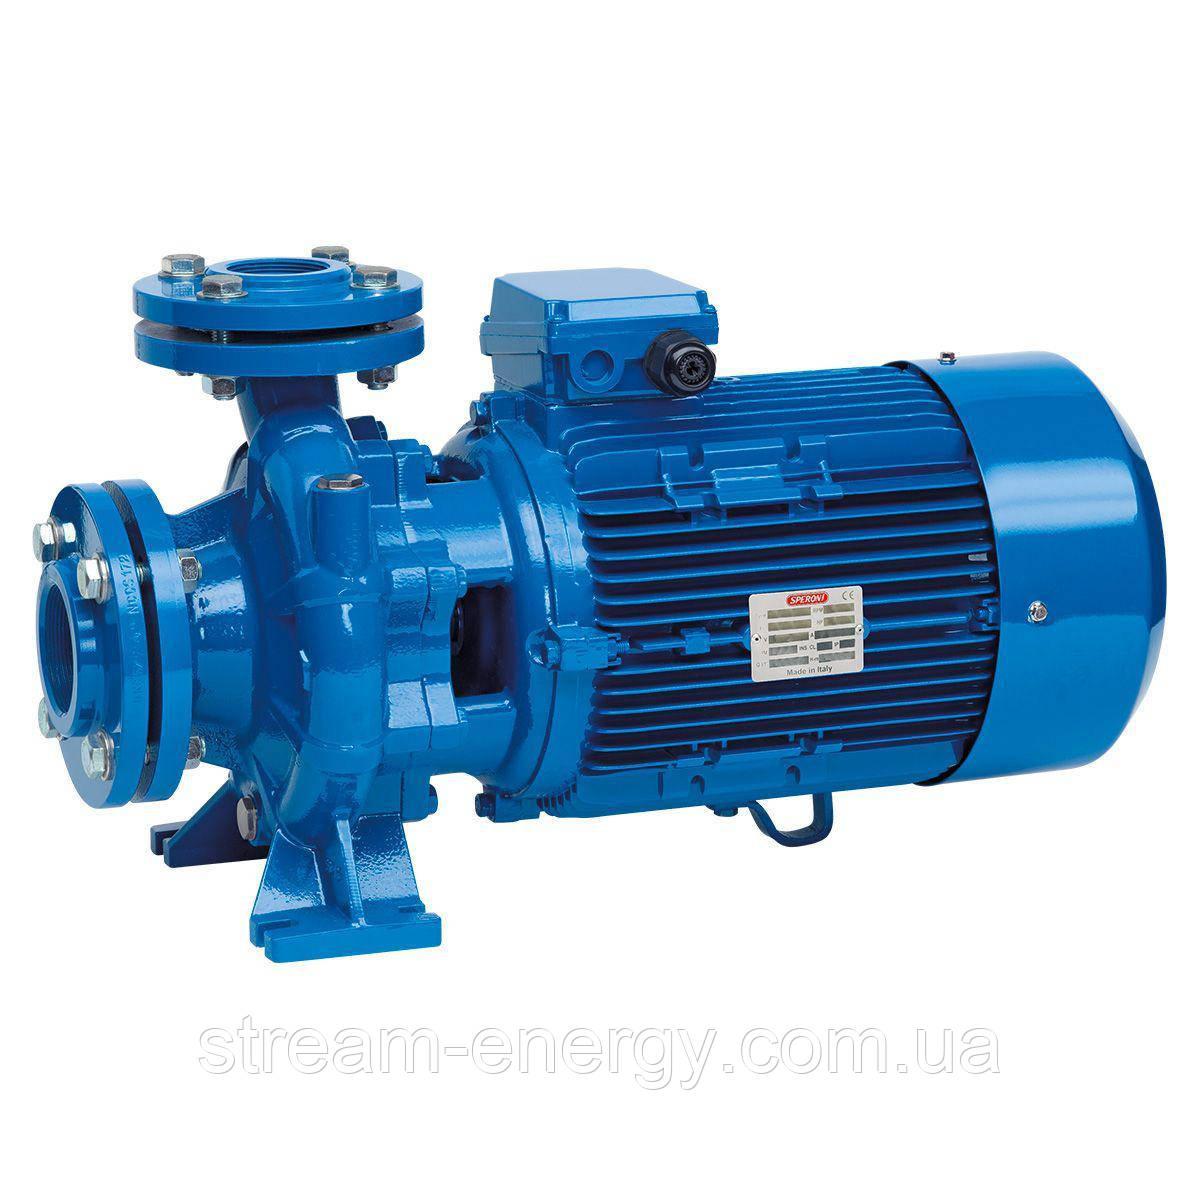 Відцентровий моноблочний насос Speroni CS 65-160A, подача до 144 м3/год